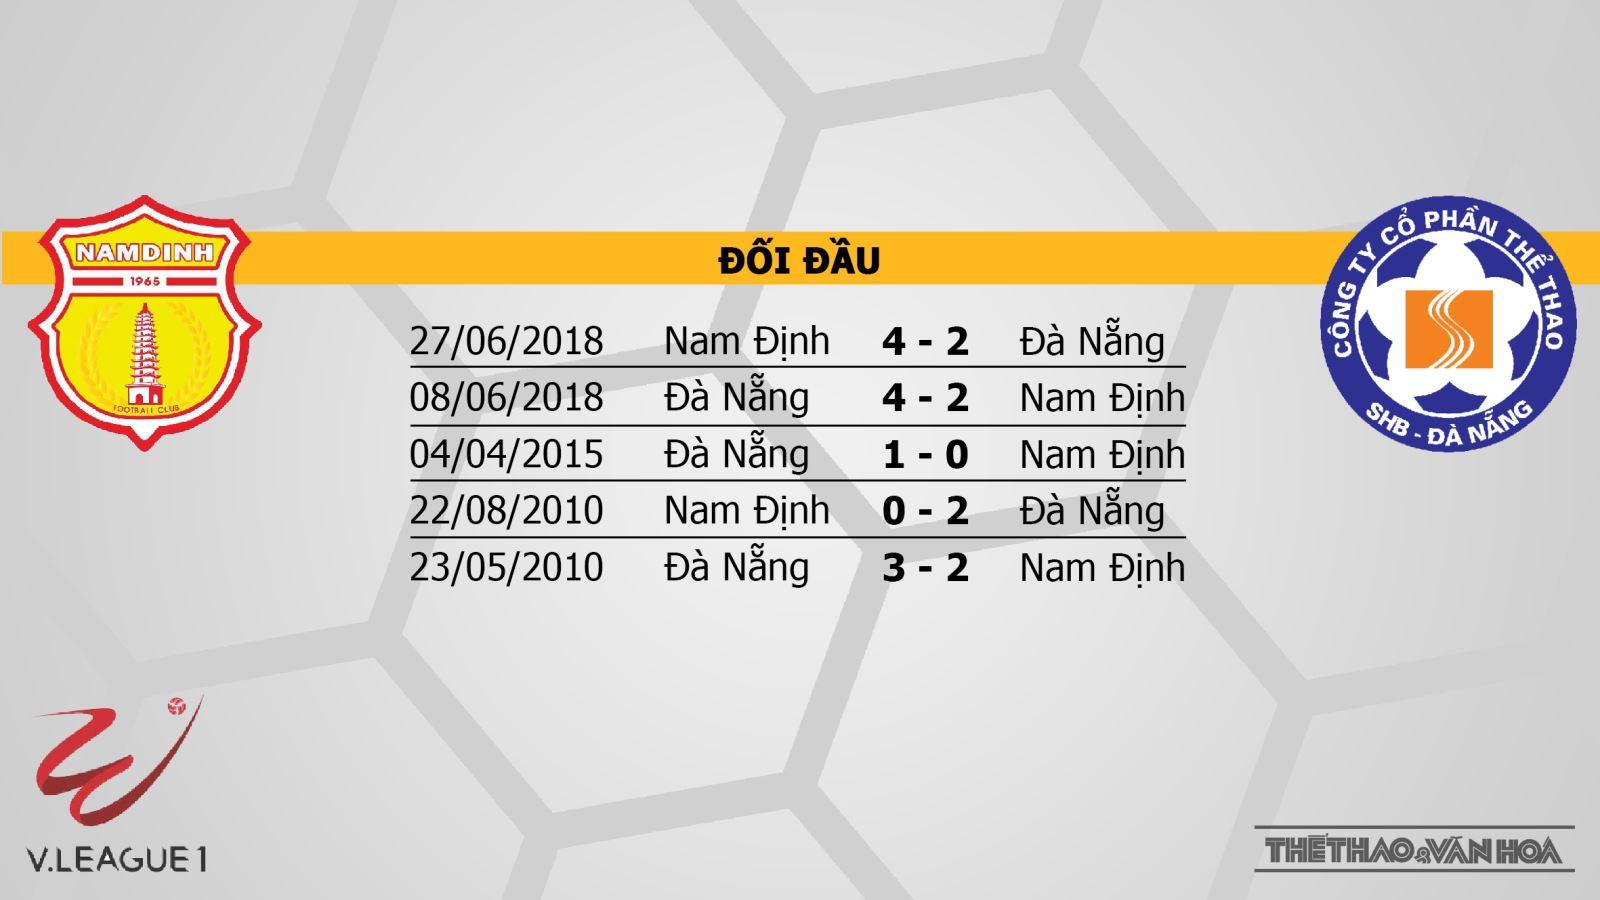 BĐTV, BĐTV trực tiếp bóng đá, truc tiep bong da, trực tiếp bóng đá, Nam Định đấu vớiSHB Đà Nẵng, Nam Dinh vs Da Nang, Nam Định, SHB Đà Nẵng, bảng xếp hạng V League 2019, BĐTV, FPT